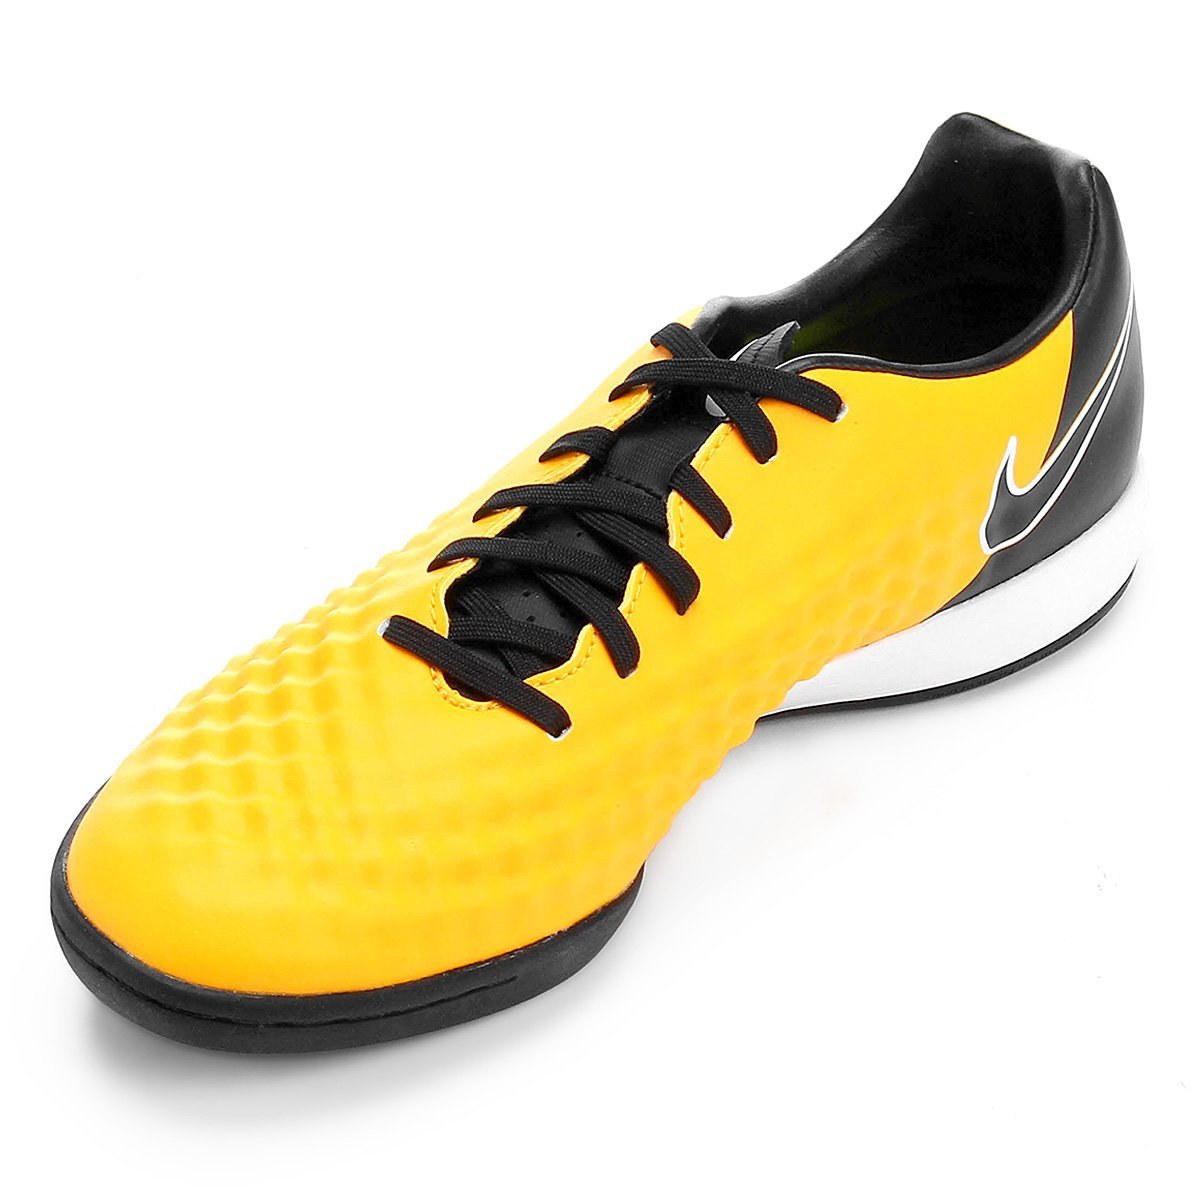 Chuteira Futsal Nike Magista Onda II IC - Compre Agora  2eed83847c45f